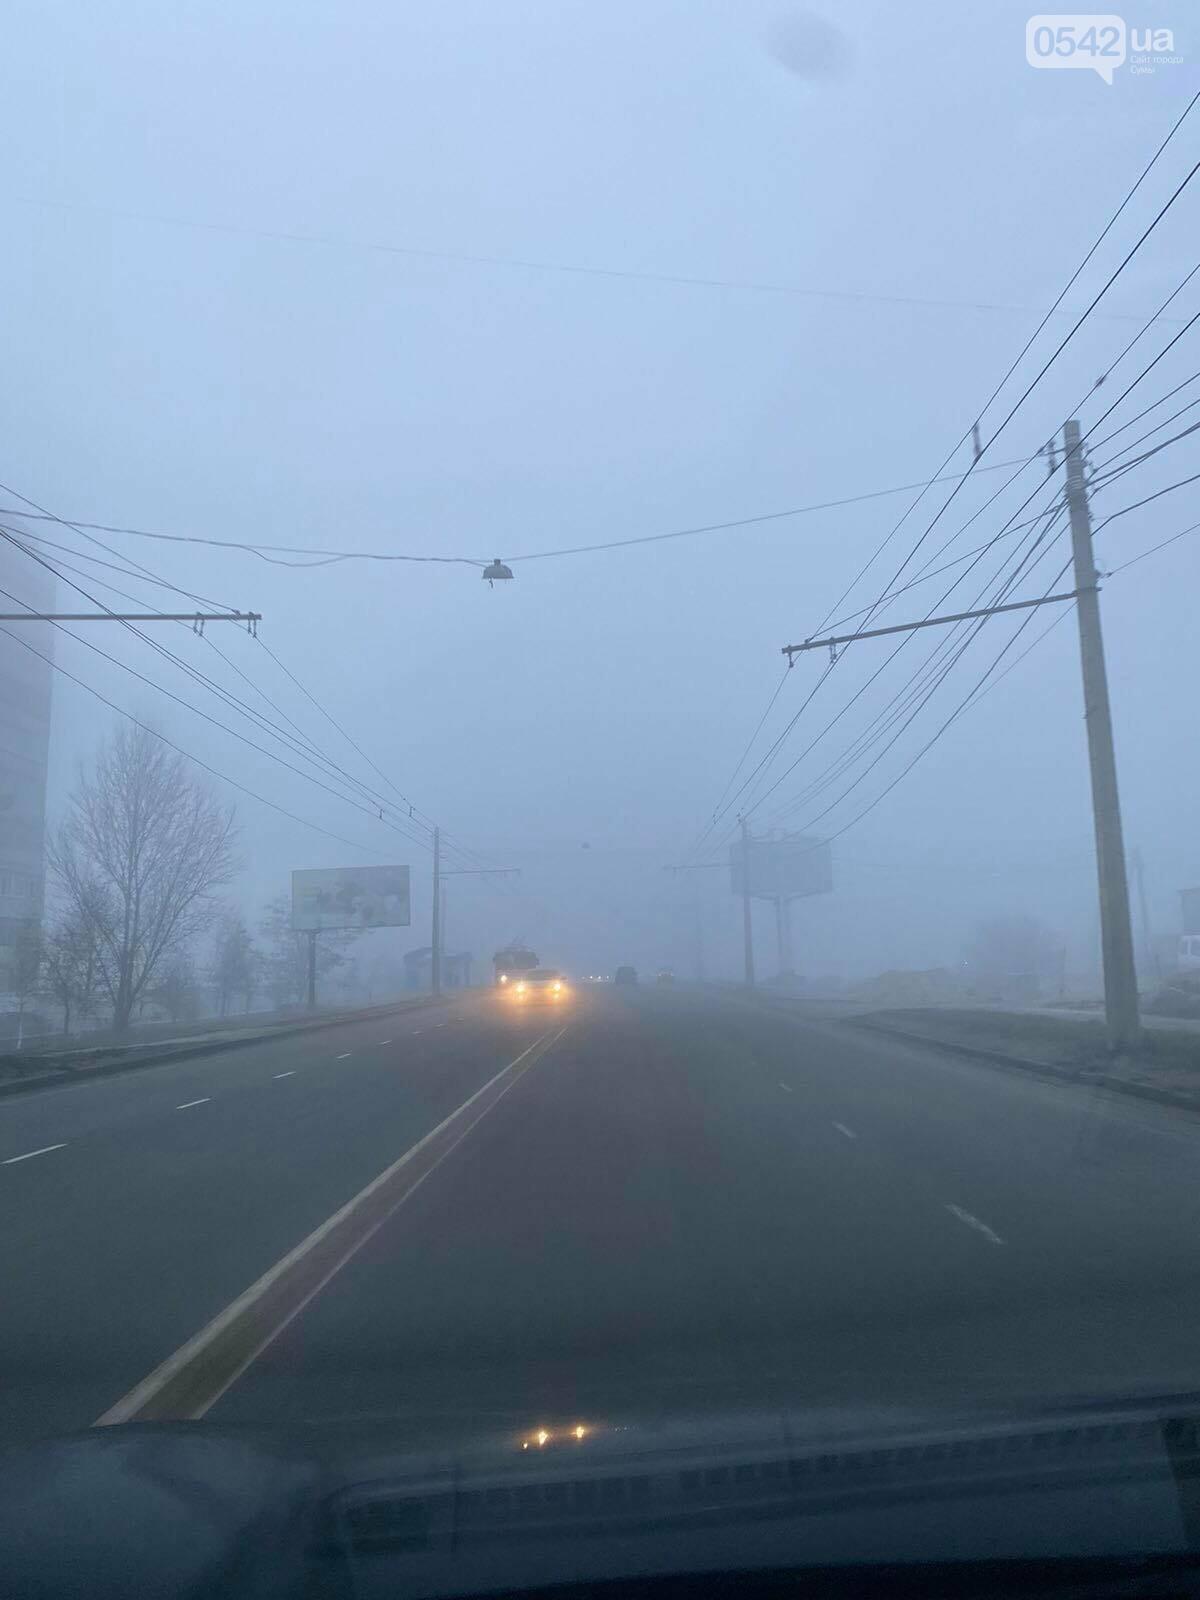 Частину Сум огорнув смердючий туман, фото-5